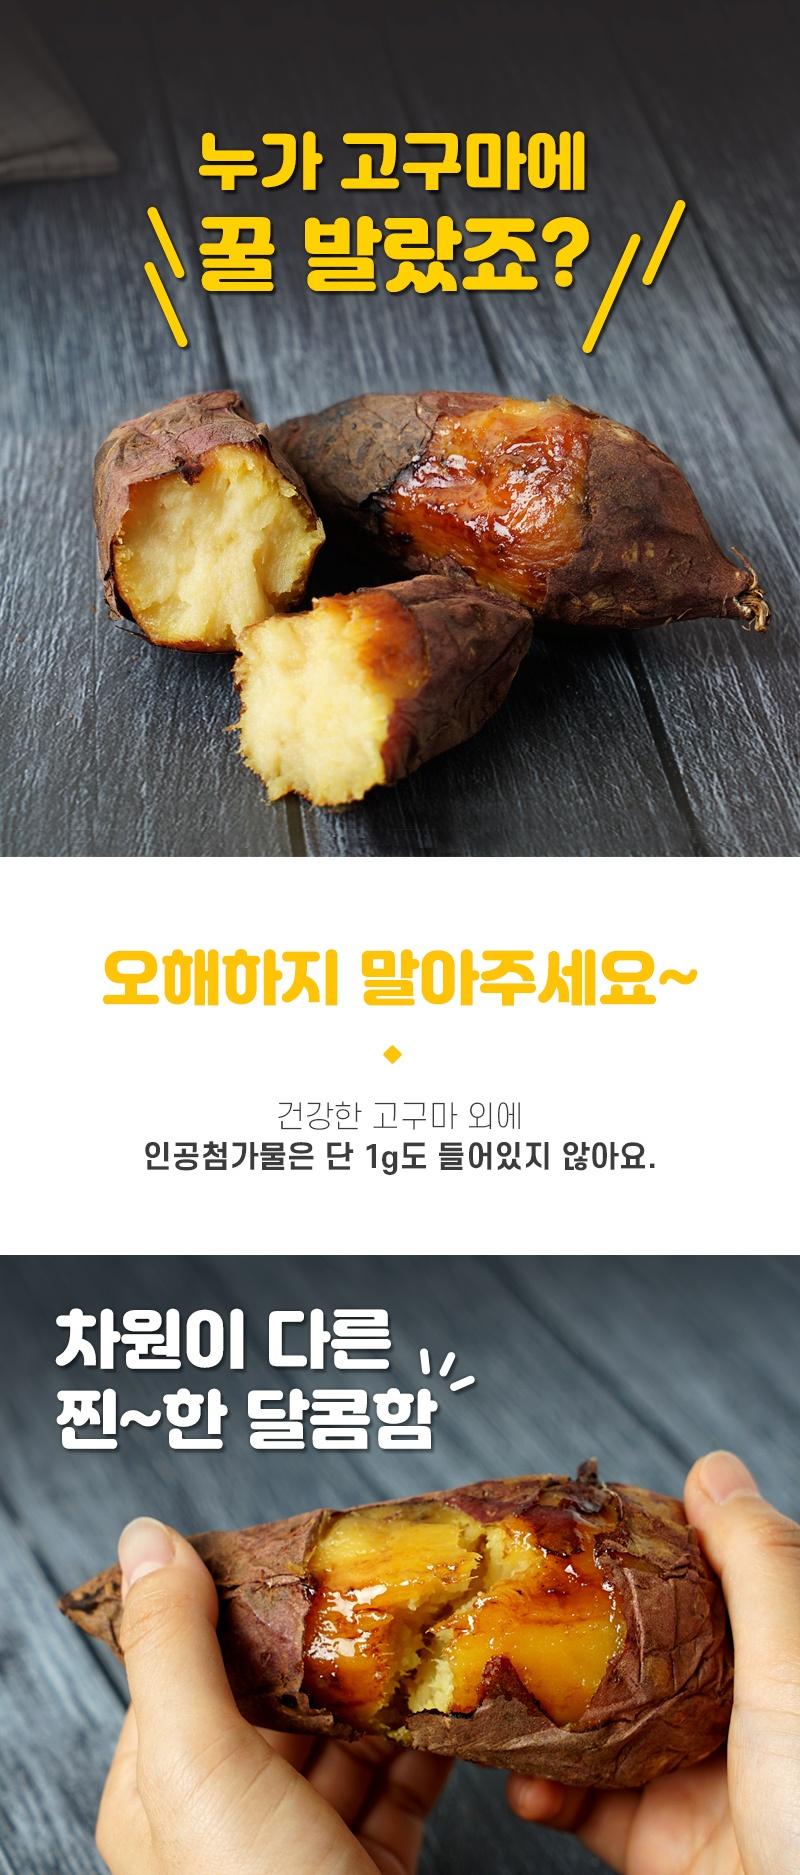 달짝아이스 군고구마 체험단 모집 (06.17~06.26)